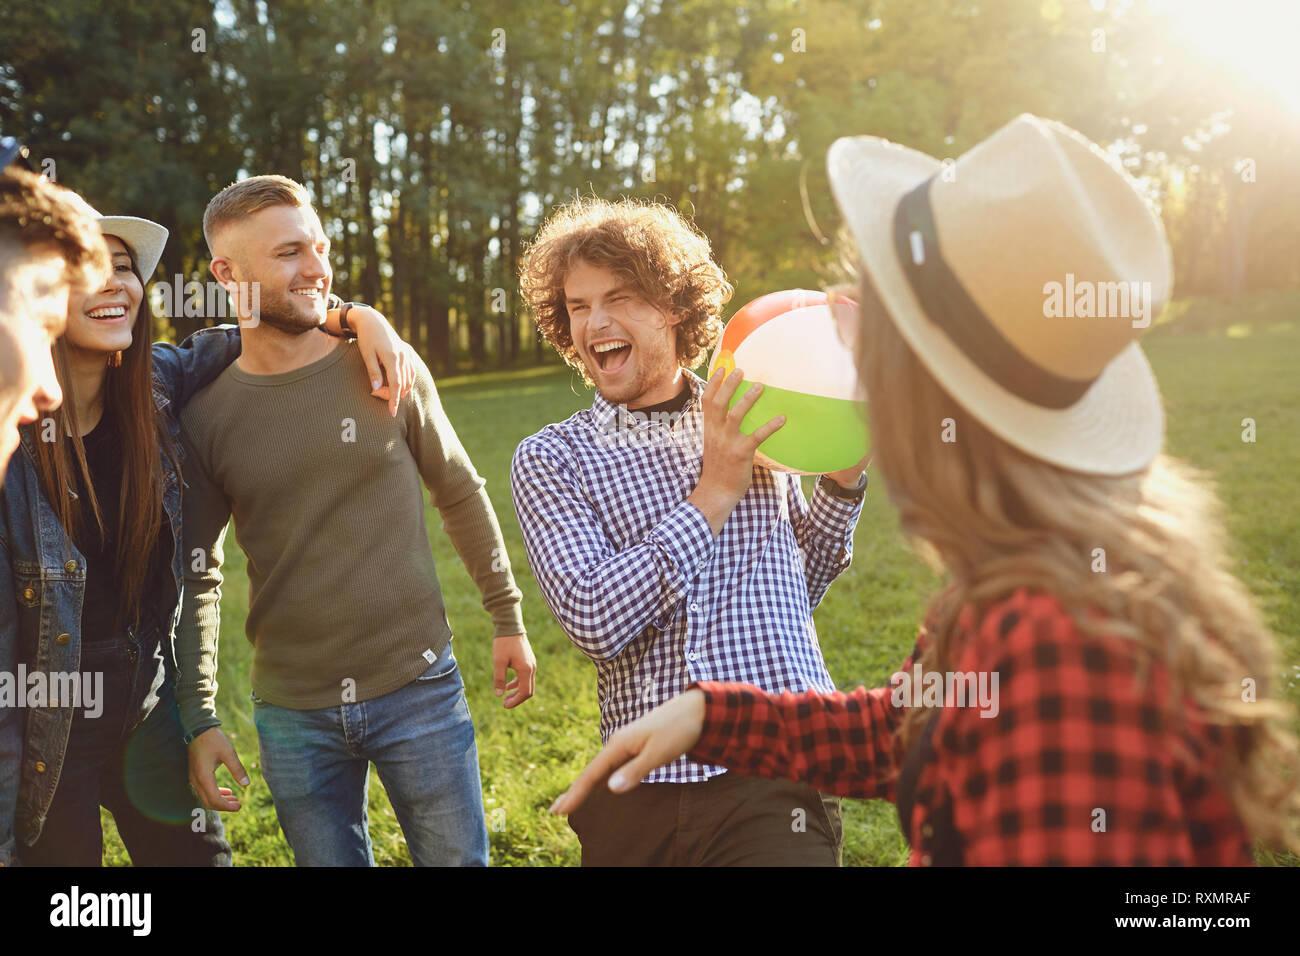 Les amis jouer dans le parc avec la balle dans l'été. Banque D'Images